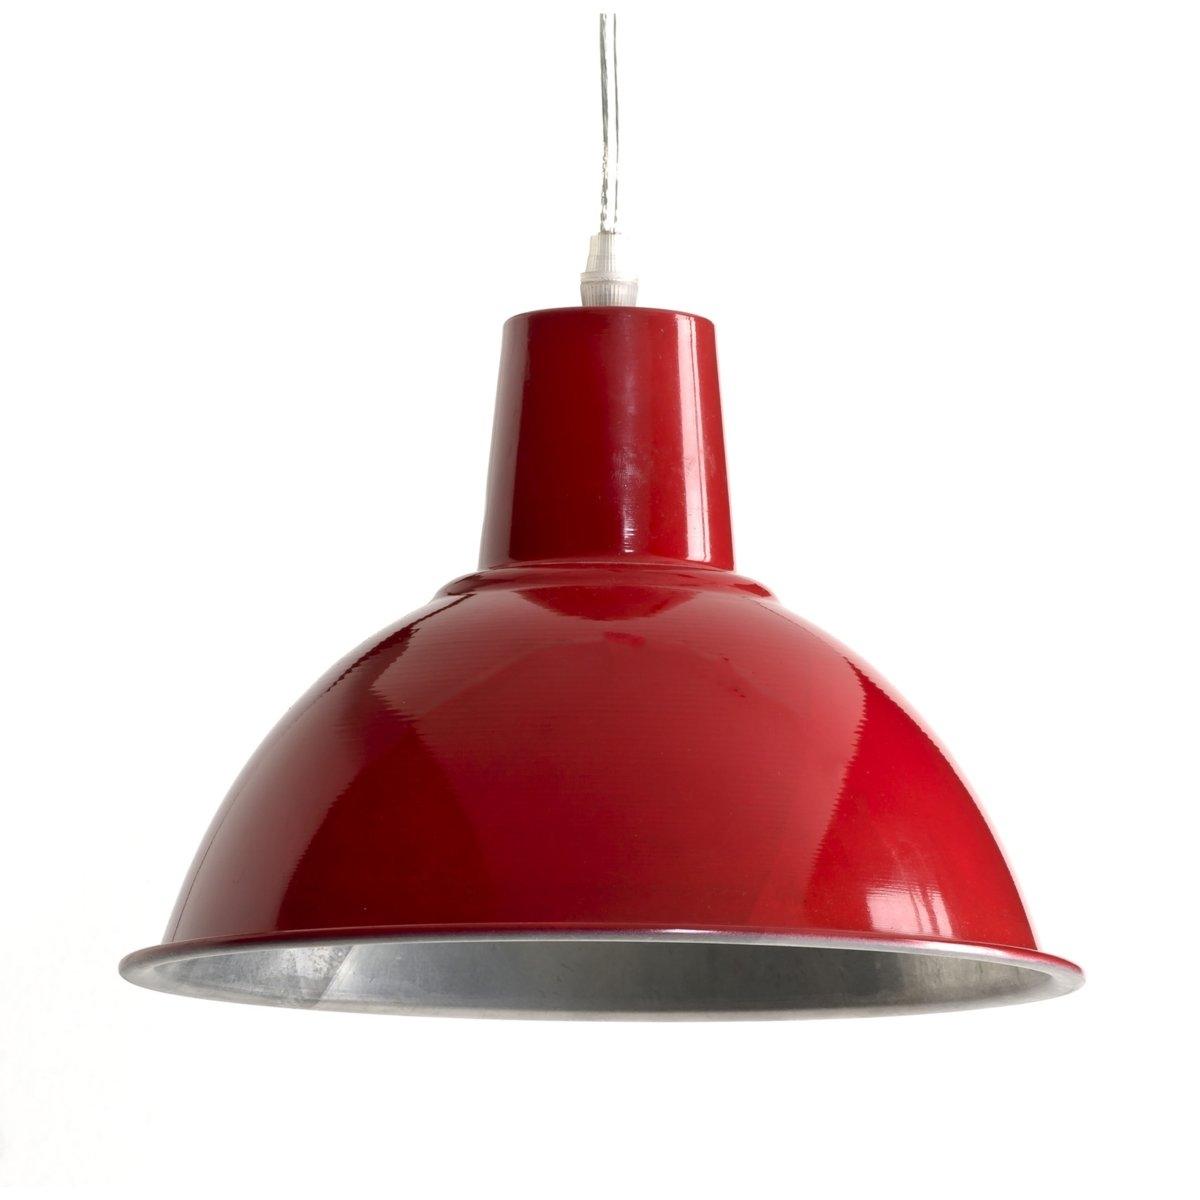 Светильник из металла в индустриальном стиле, LamiВ любом месте в доме светильник Lami подчеркивает решительно свой индустриальный стиль .Описание светильника  Lami  :Электрифицированный Патрон E27 для флюокомпактной лампочки 15W (не входит в комплект)  .Этот светильник совместим с лампочками    энергетического класса   : AХарактеристики светильника  Lami  :выполнена из металлаВсю коллекцию светильников вы можете найти на сайте laredoute.ru.Размер светильника  Lami  :Диаметр : 25,5 смВысота : 18 см.<br><br>Цвет: красный